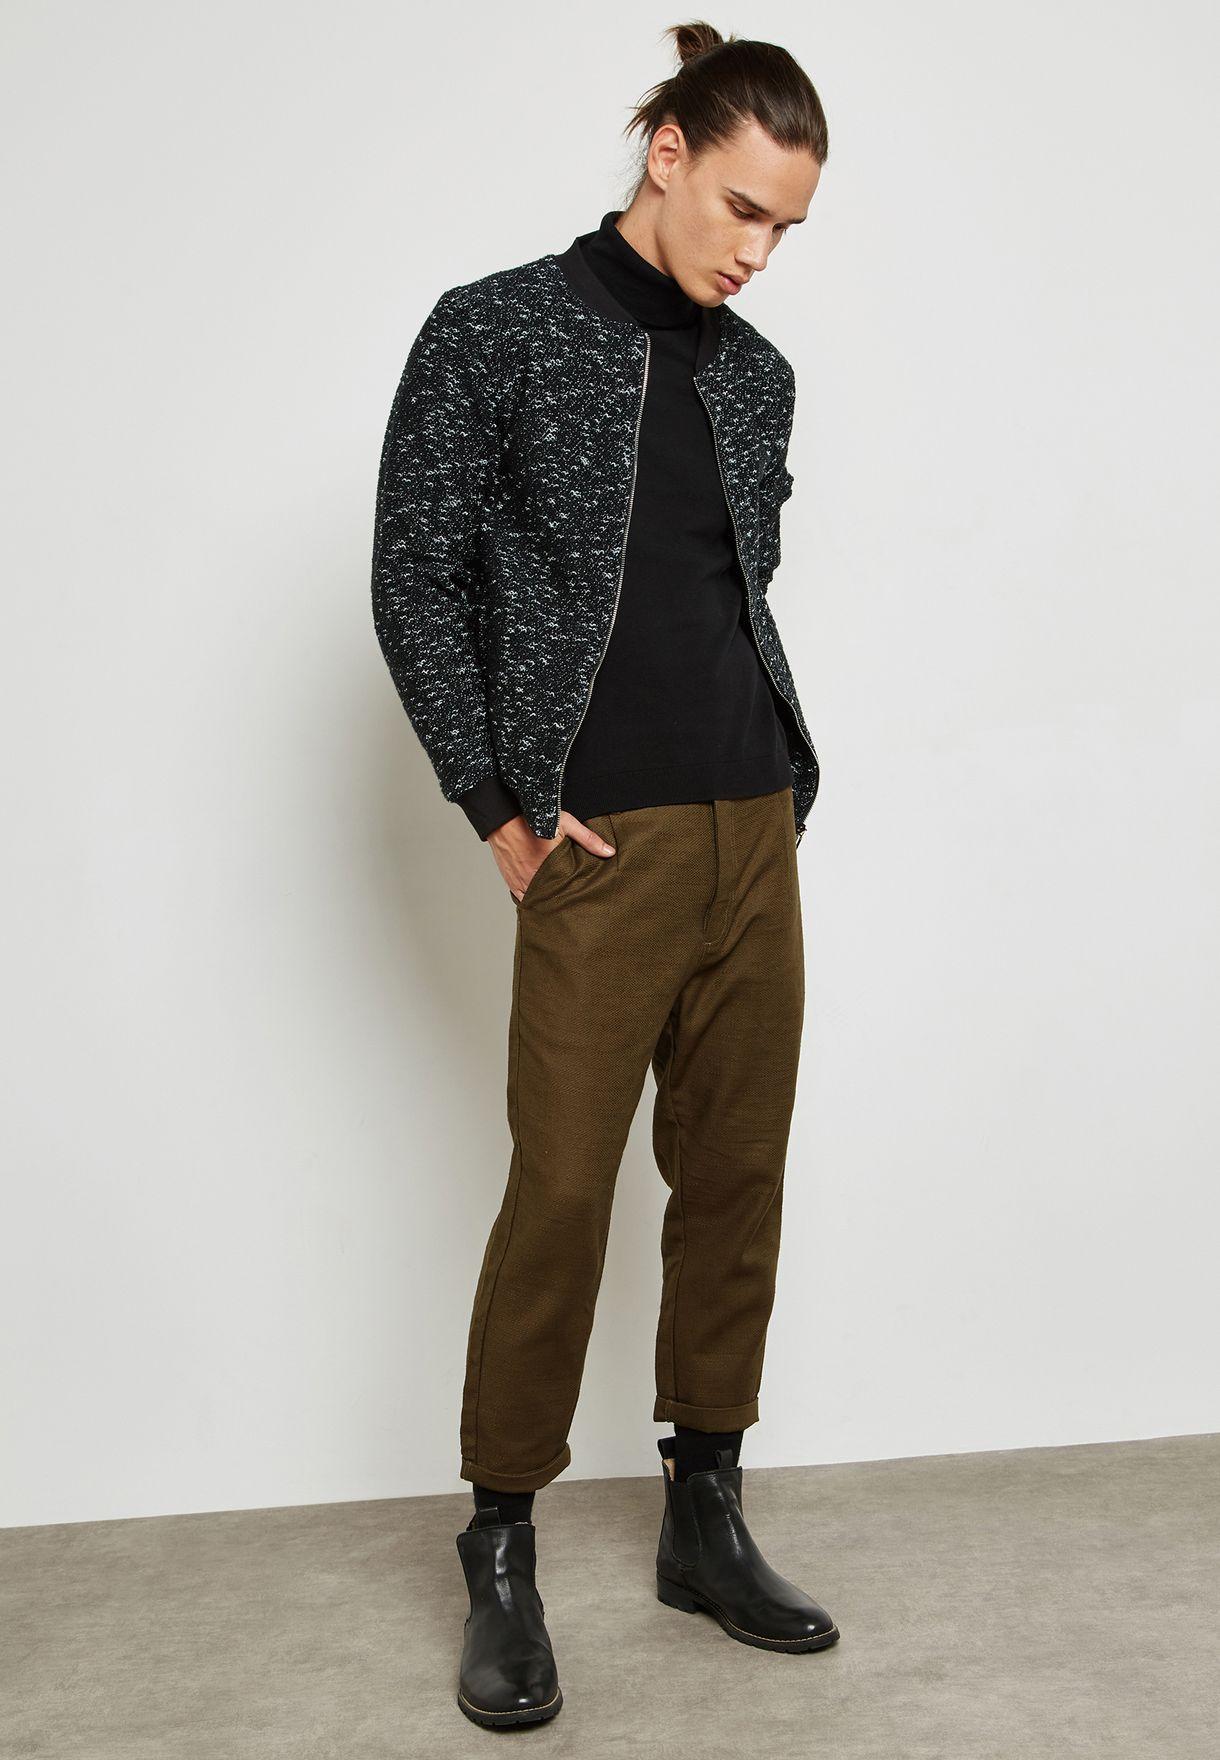 Sam Zipped Sweatshirt